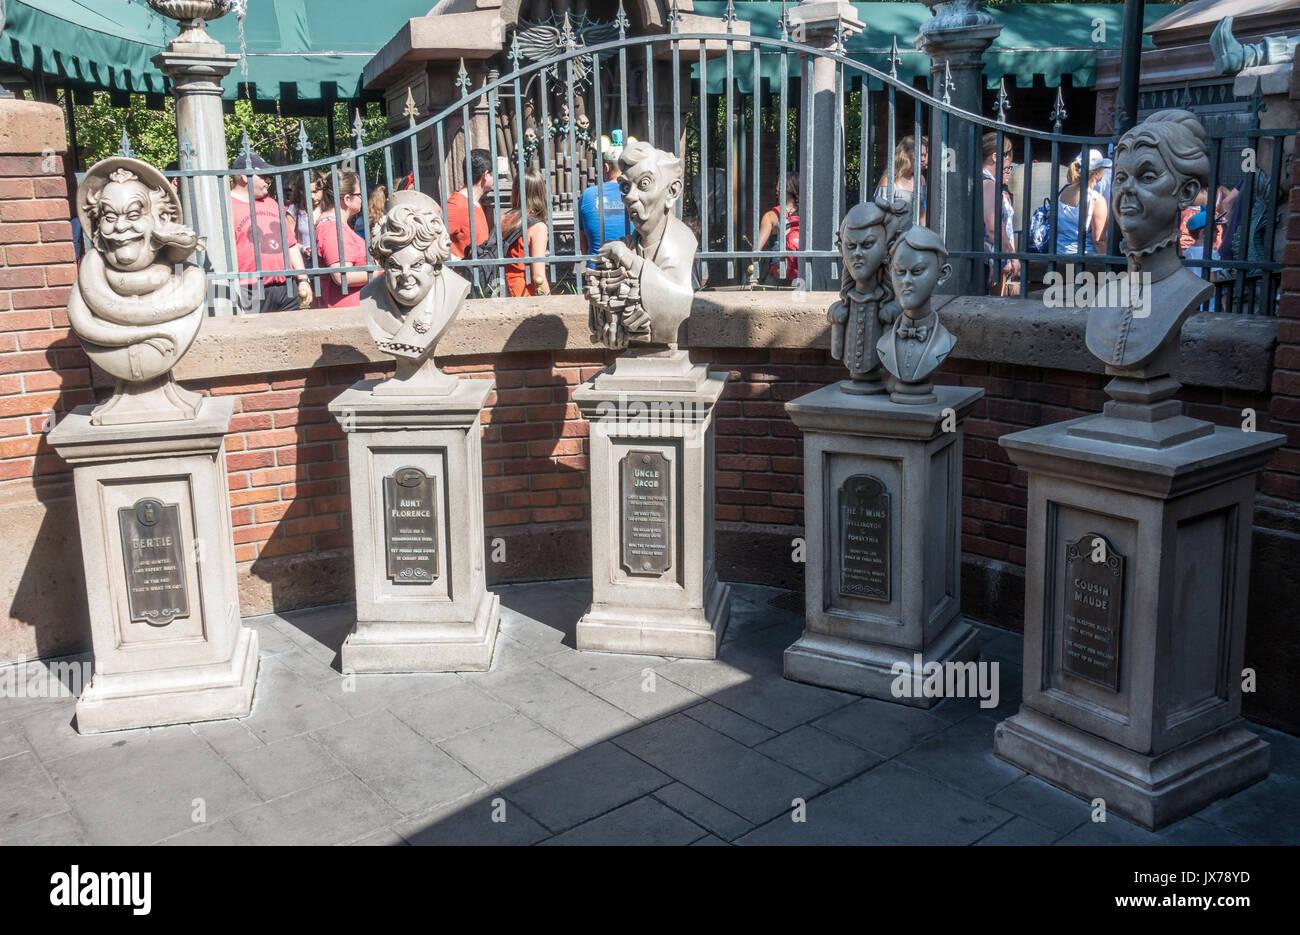 Dread familia bustos en la cola de la mansión embrujada en Magic Kingdom, Walt Disney World, Orlando, Florida. Imagen De Stock